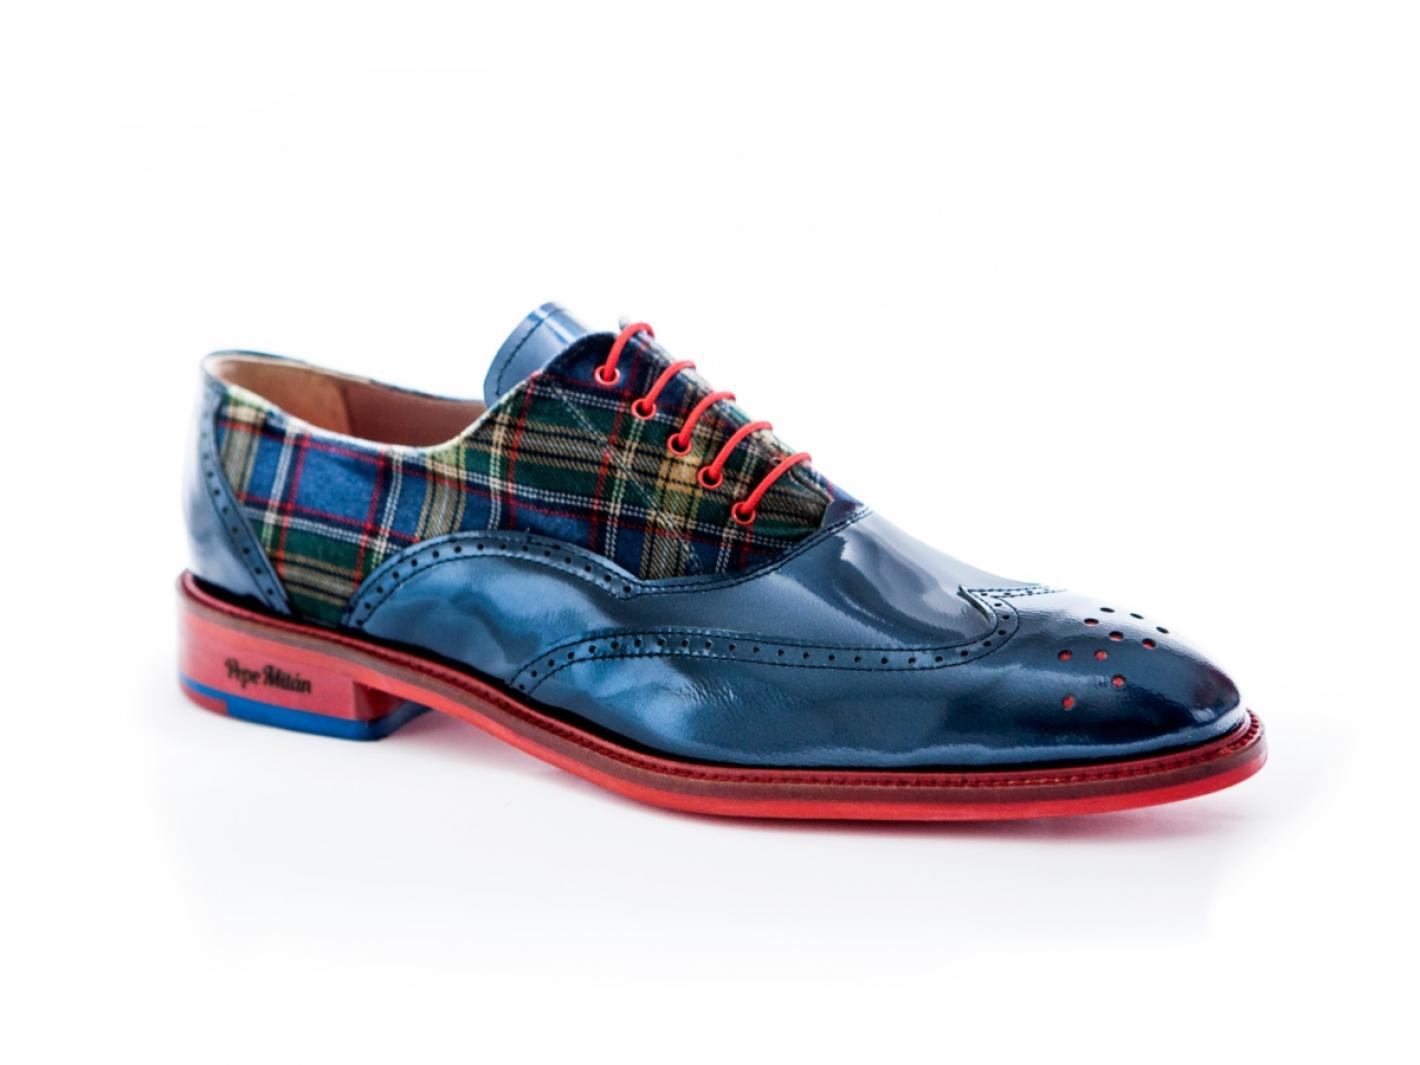 charol modelo y Scottisfabricado escocés metal Zapato a en azul ulJ15Fc3TK